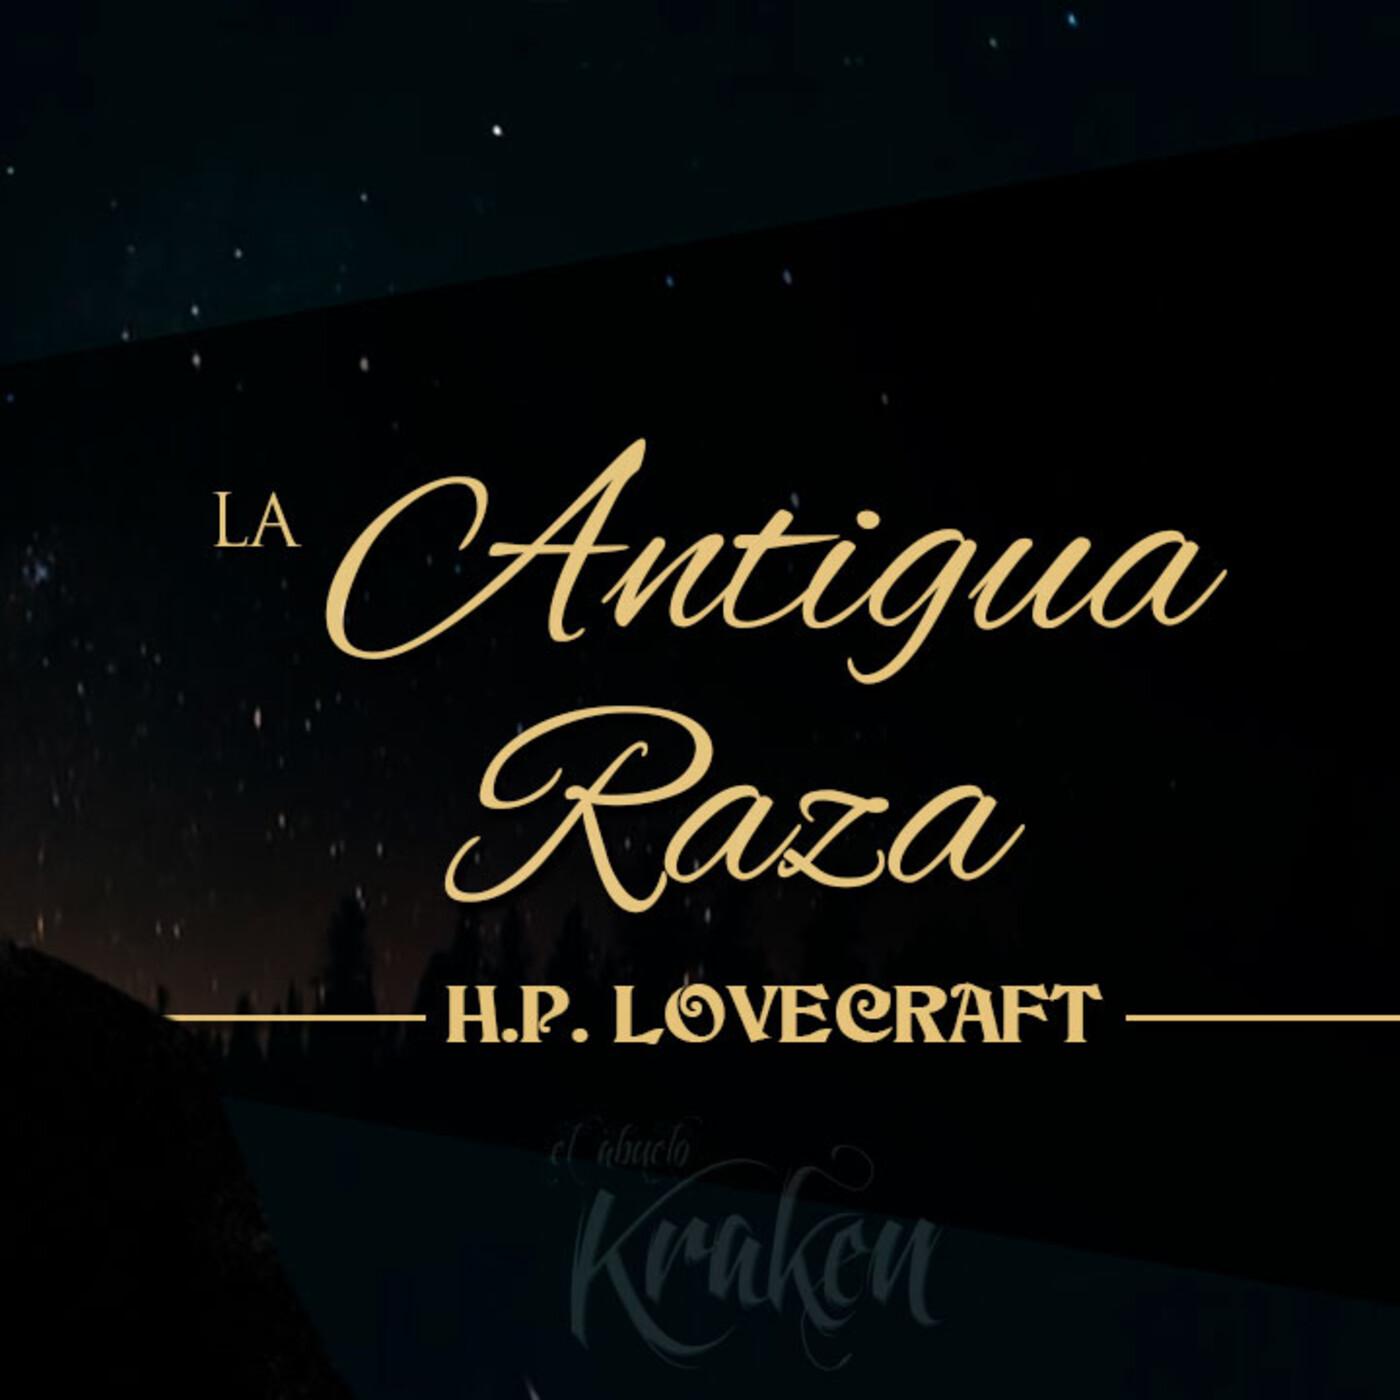 La antigua raza, de H.P. Lovecraft (narrado por El abuelo Kraken)